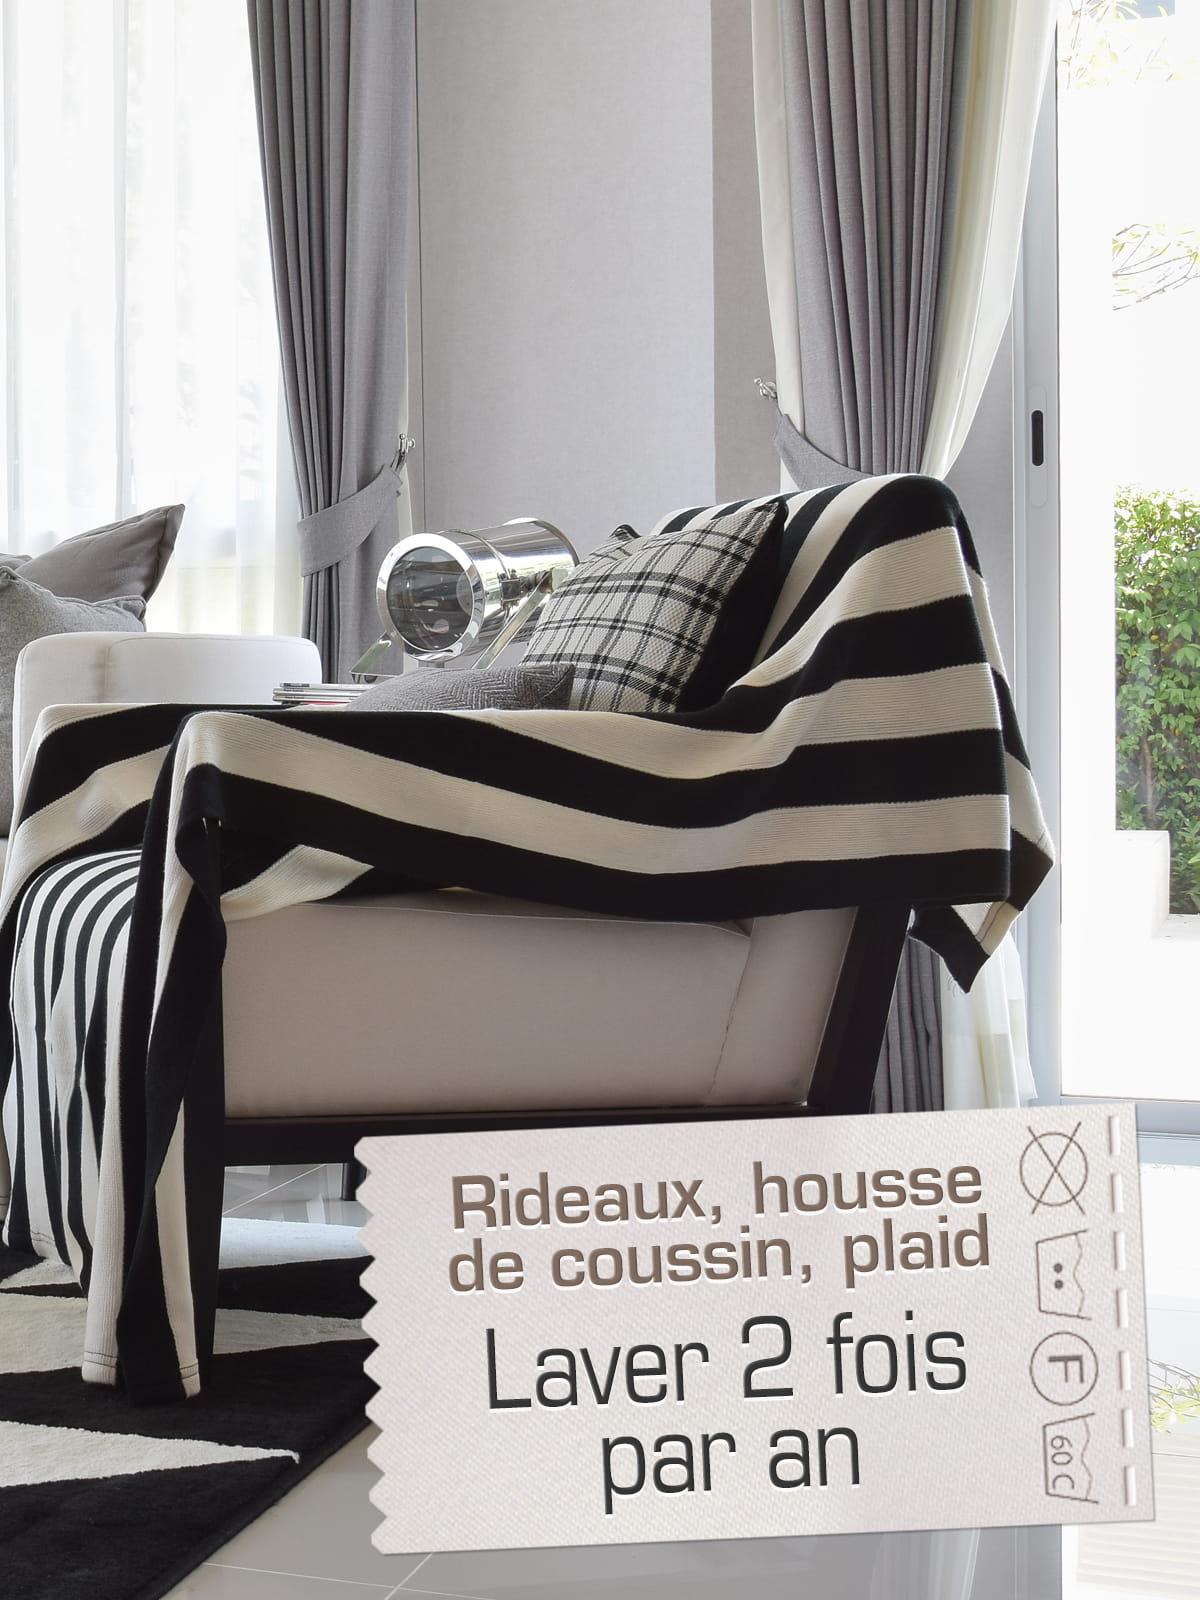 les rideaux les housses de coussins et les plaids 2 fois par an. Black Bedroom Furniture Sets. Home Design Ideas